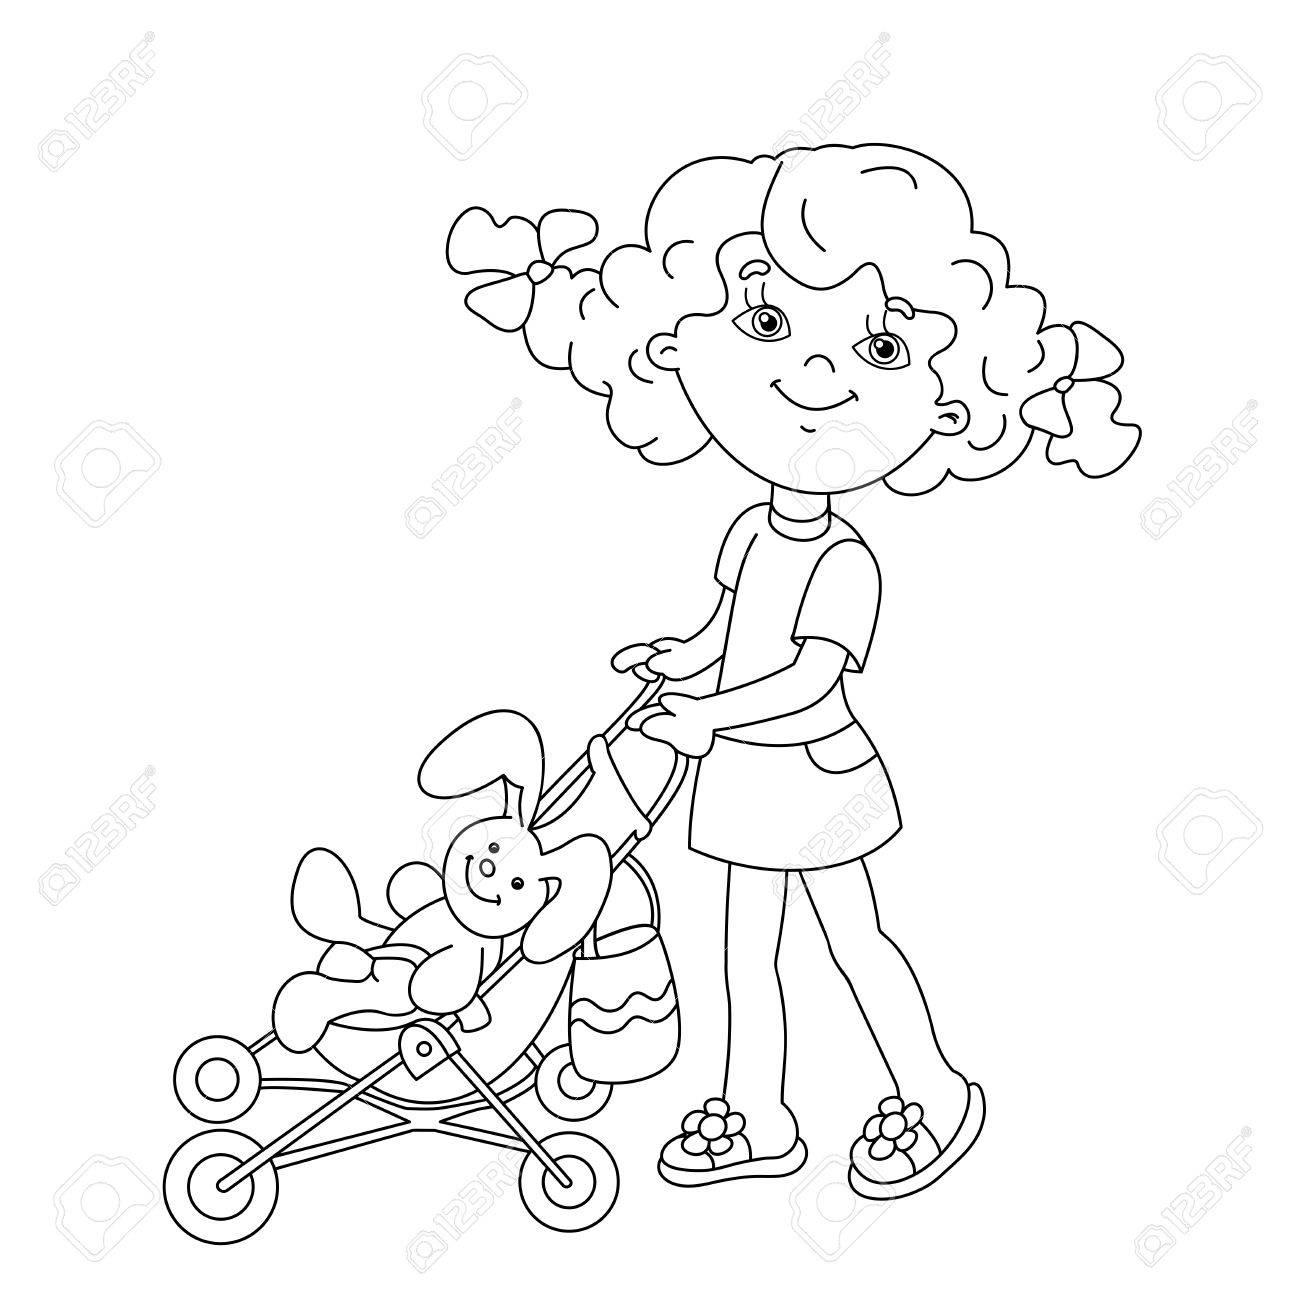 Página Para Colorear Esquema De Niña De Dibujos Animados Jugar Con Muñecas Con El Cochecito De Bebé Libro De Colorear Para Niños